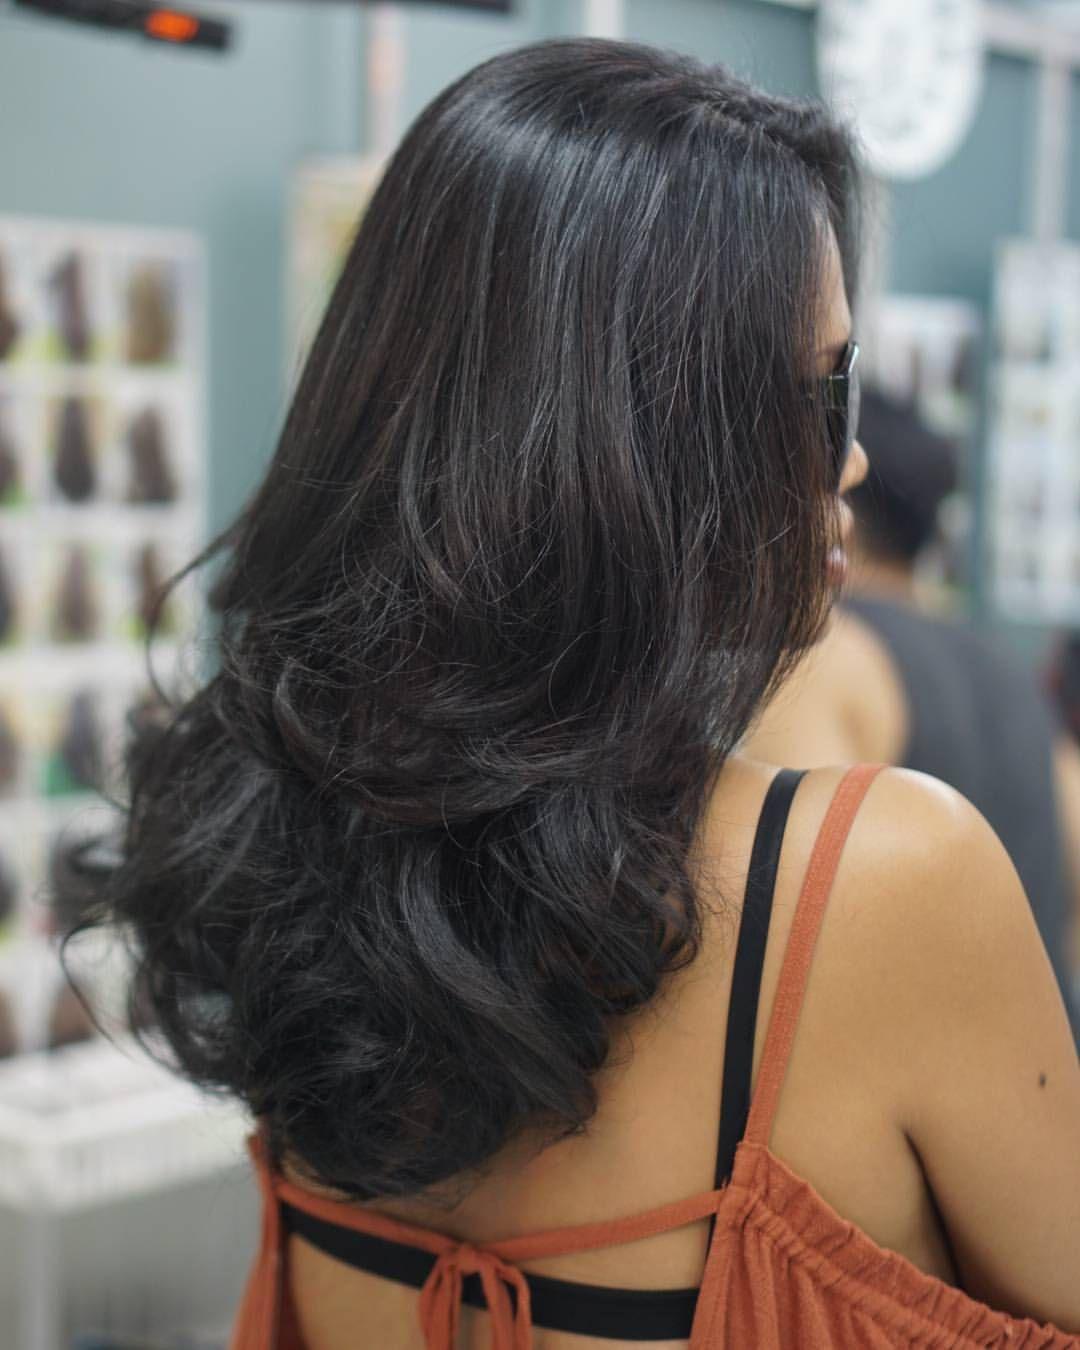 Volume Layer Hair Cut By annassalon hair hairlook hairwork